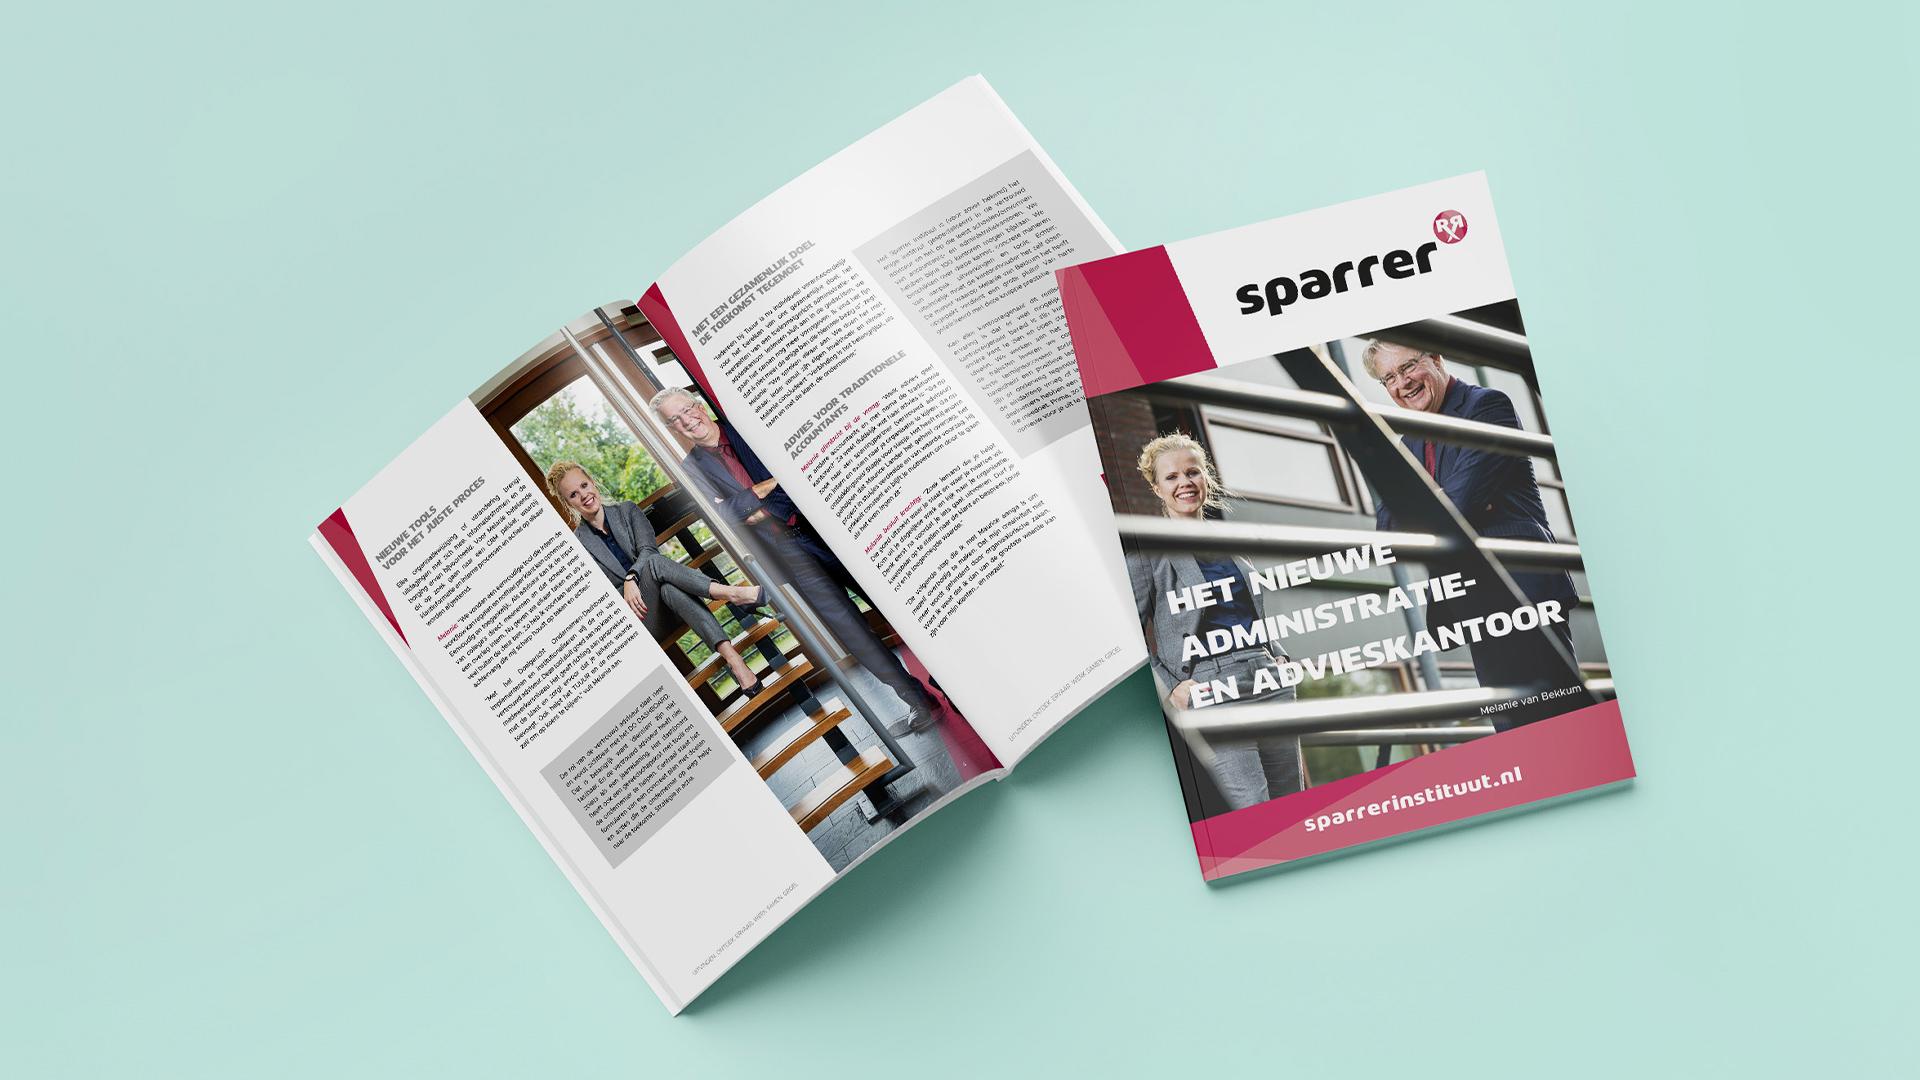 Whitepaper Sparrer Instituut